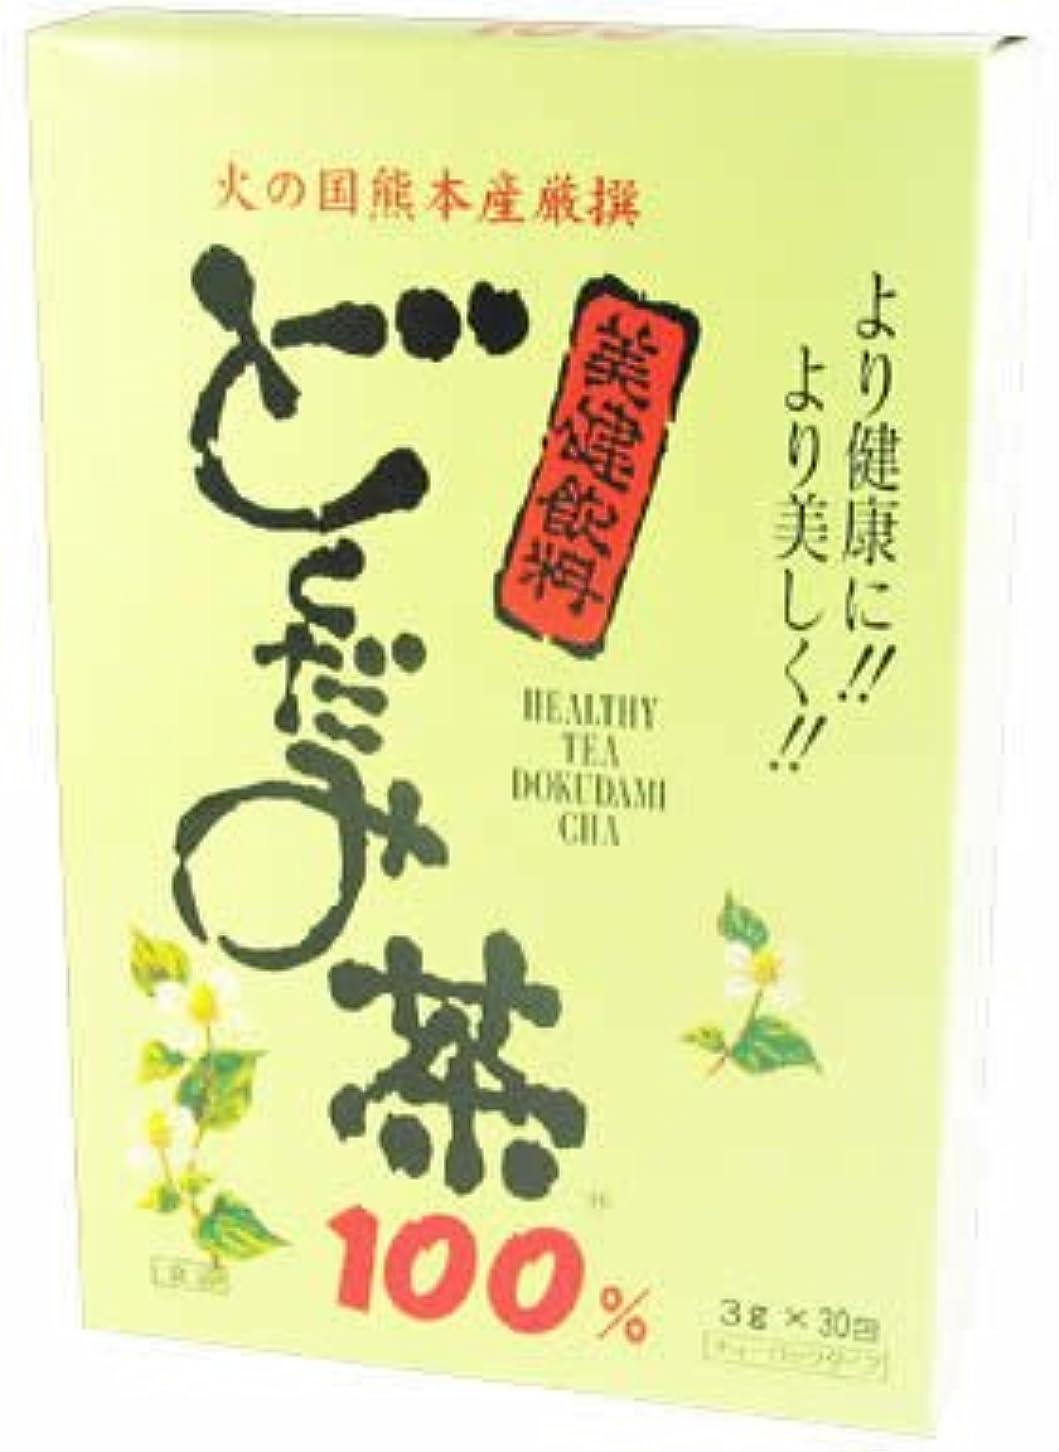 珍味これまで異議どくだみ茶100% ティーバッグ 3g×30包